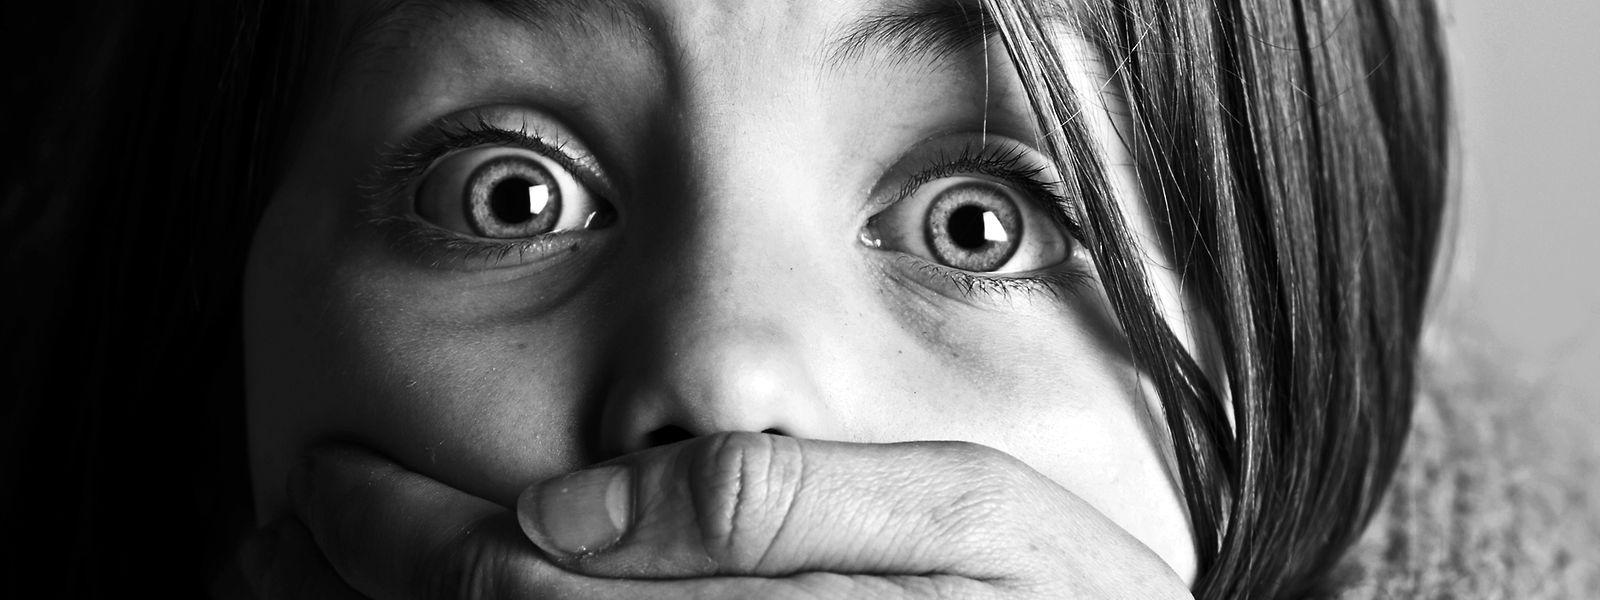 Die Diskussionen laufen: Die Verjährungsfrist von sexuellen Gewalttaten soll verlängert oder gestrichen werden.